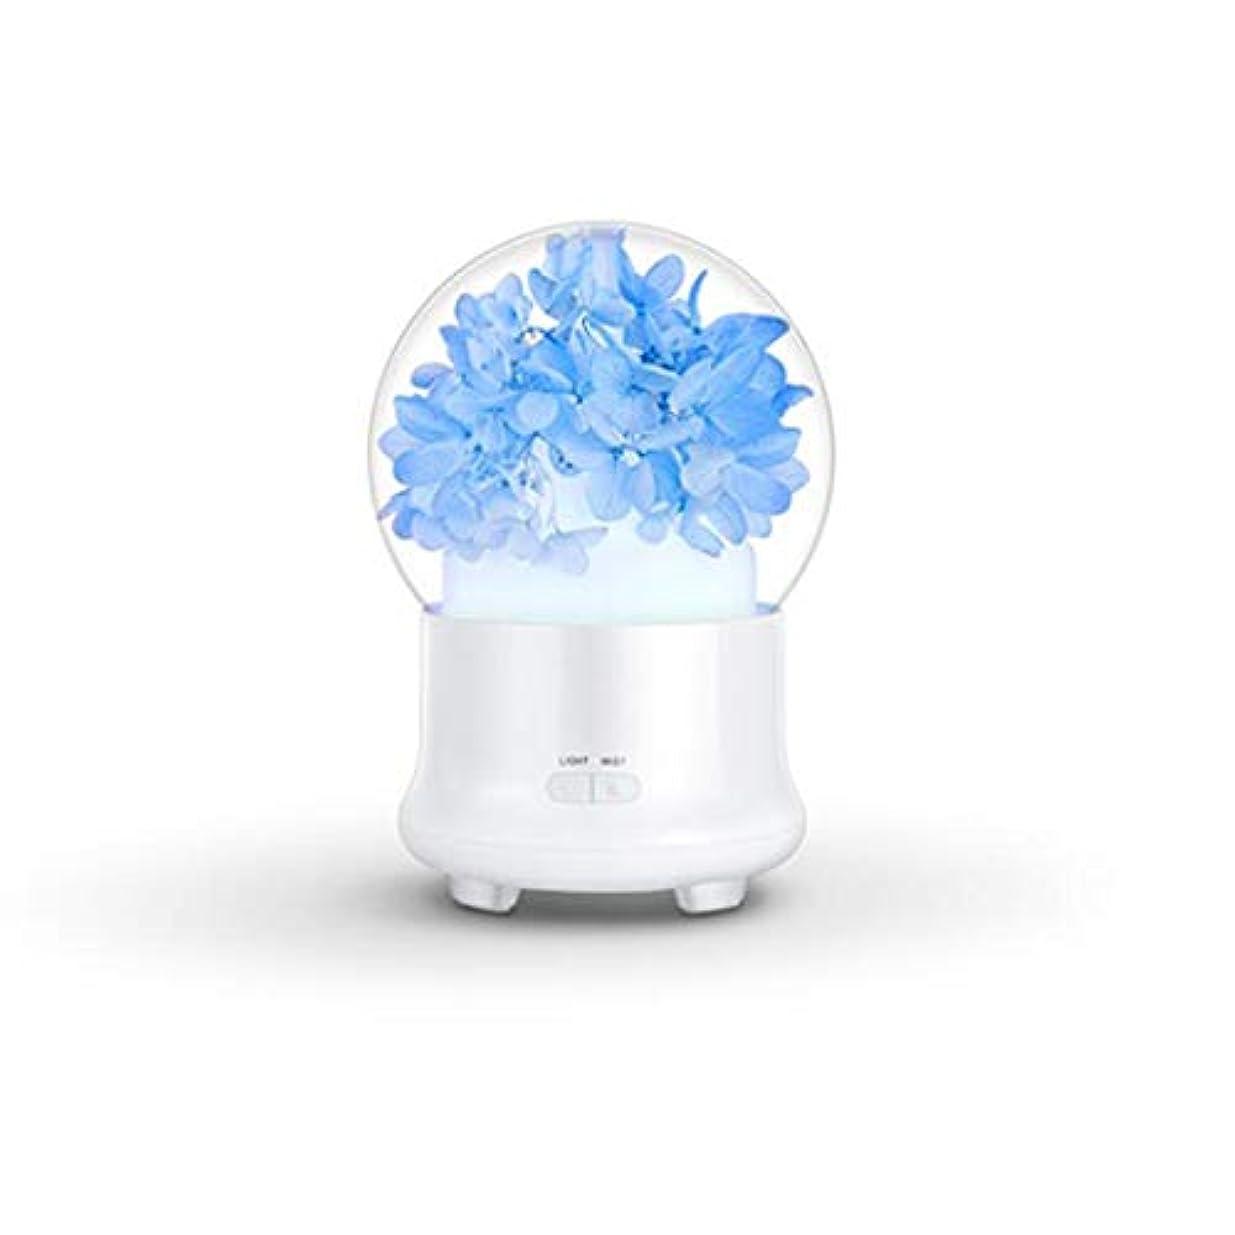 発動機牛小道ACHICOO アロマディフューザー 加湿器 花 電気 カラフル LED ミストフォッガー かわいい 安全 24V 12 x 12 x 16.8cm ブルー